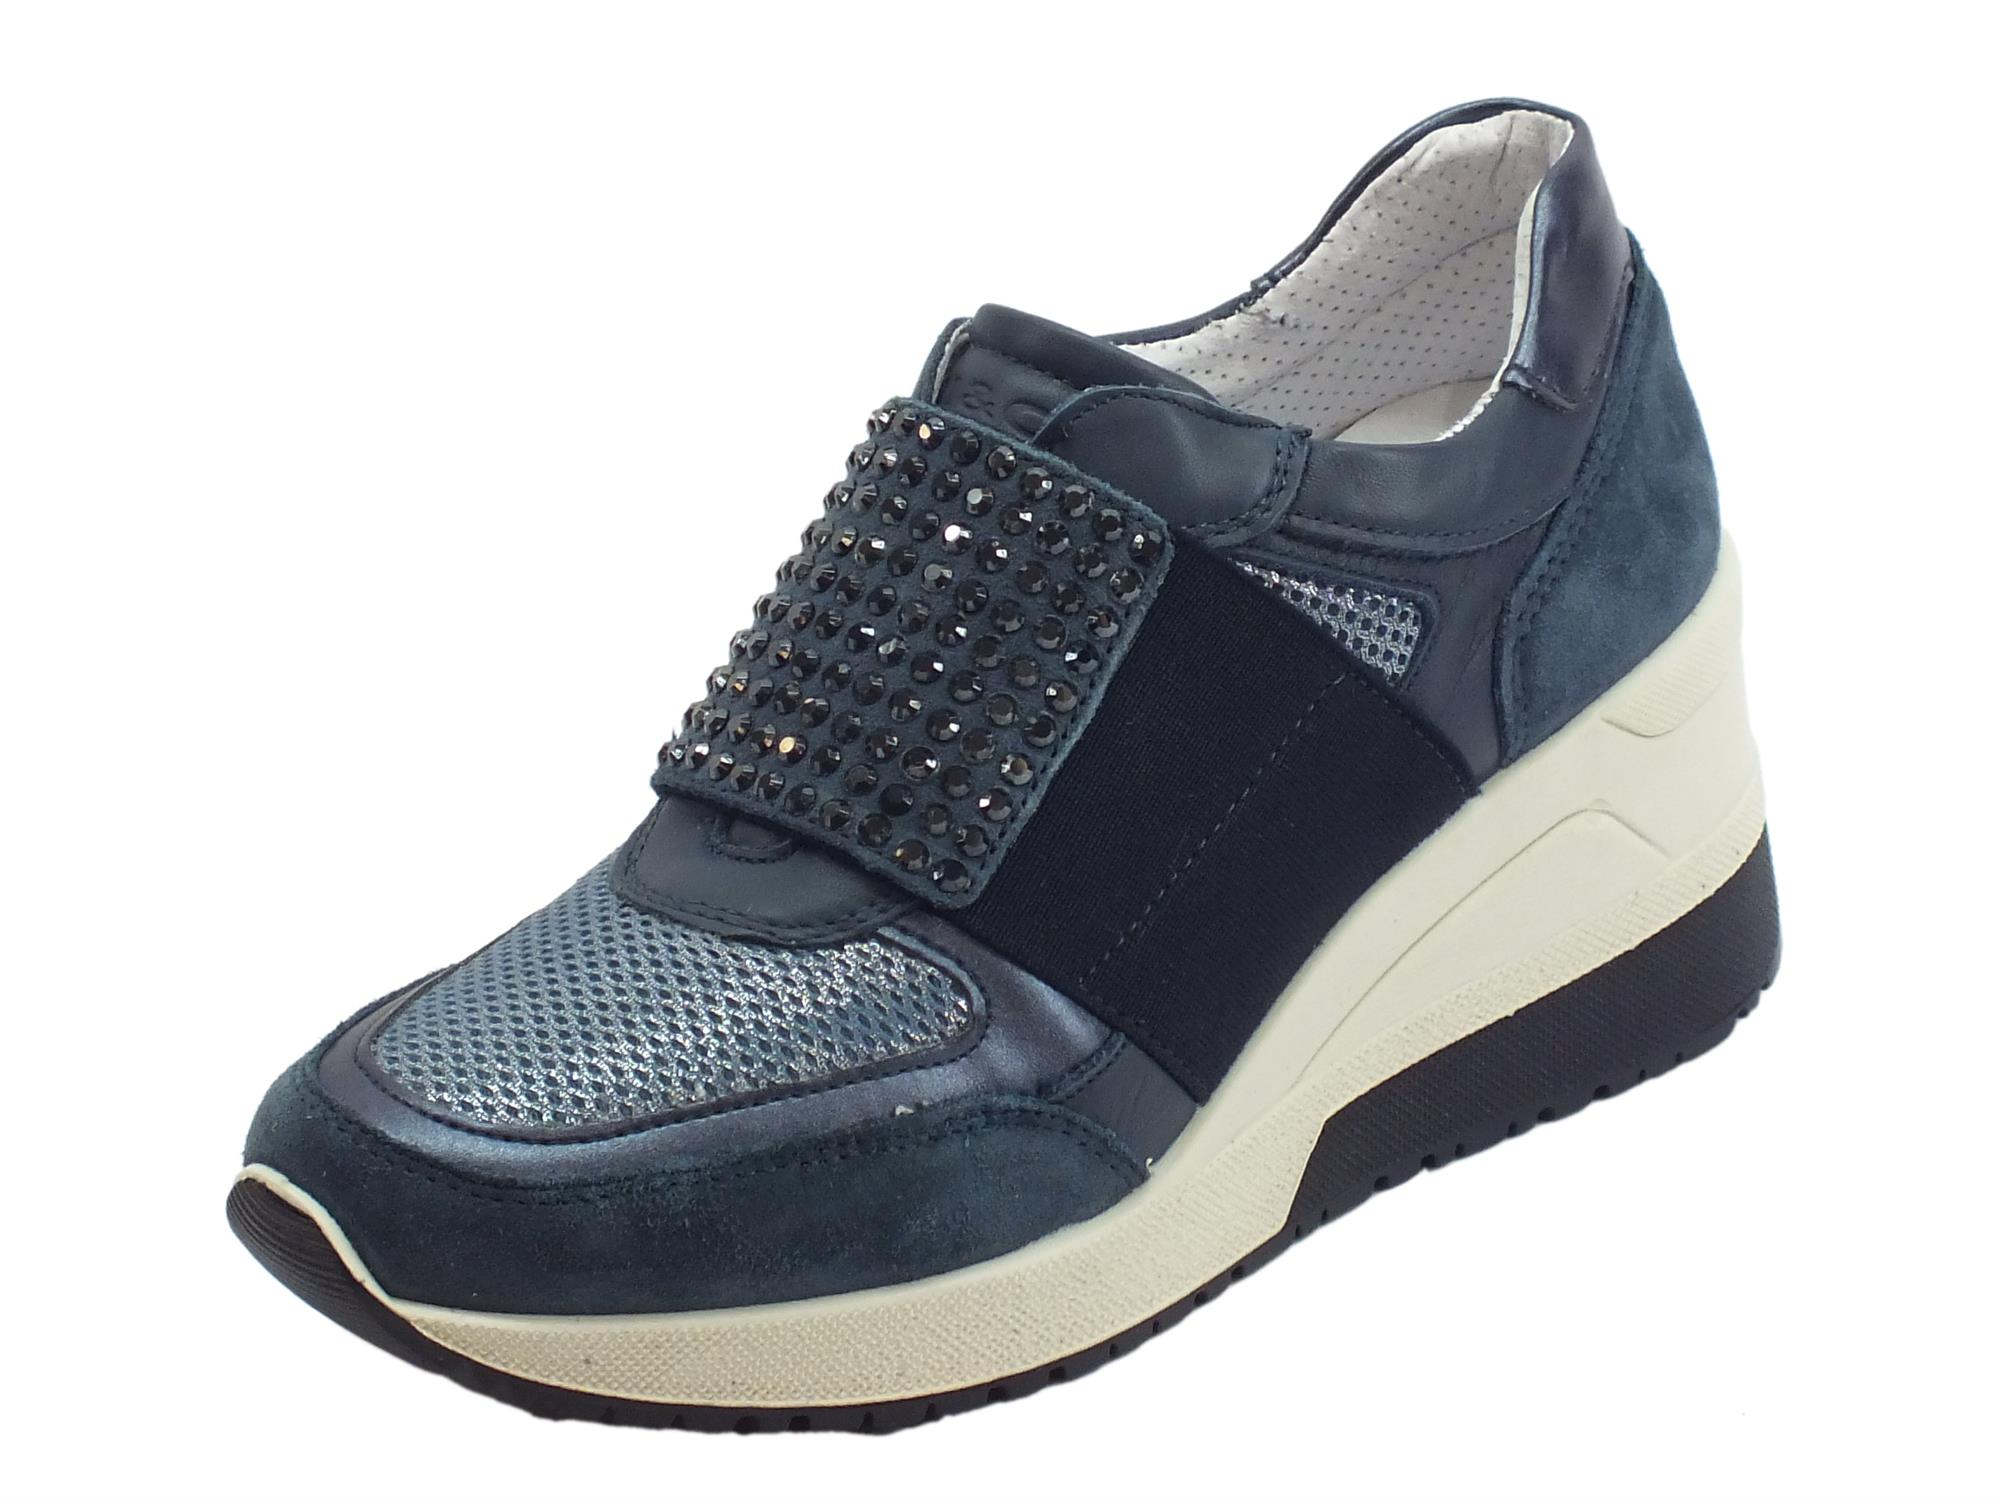 0a49ec9e9e Sneakers senza lacci Igi&Co per donna in scamosciato e tessuto blu zeppa  alta